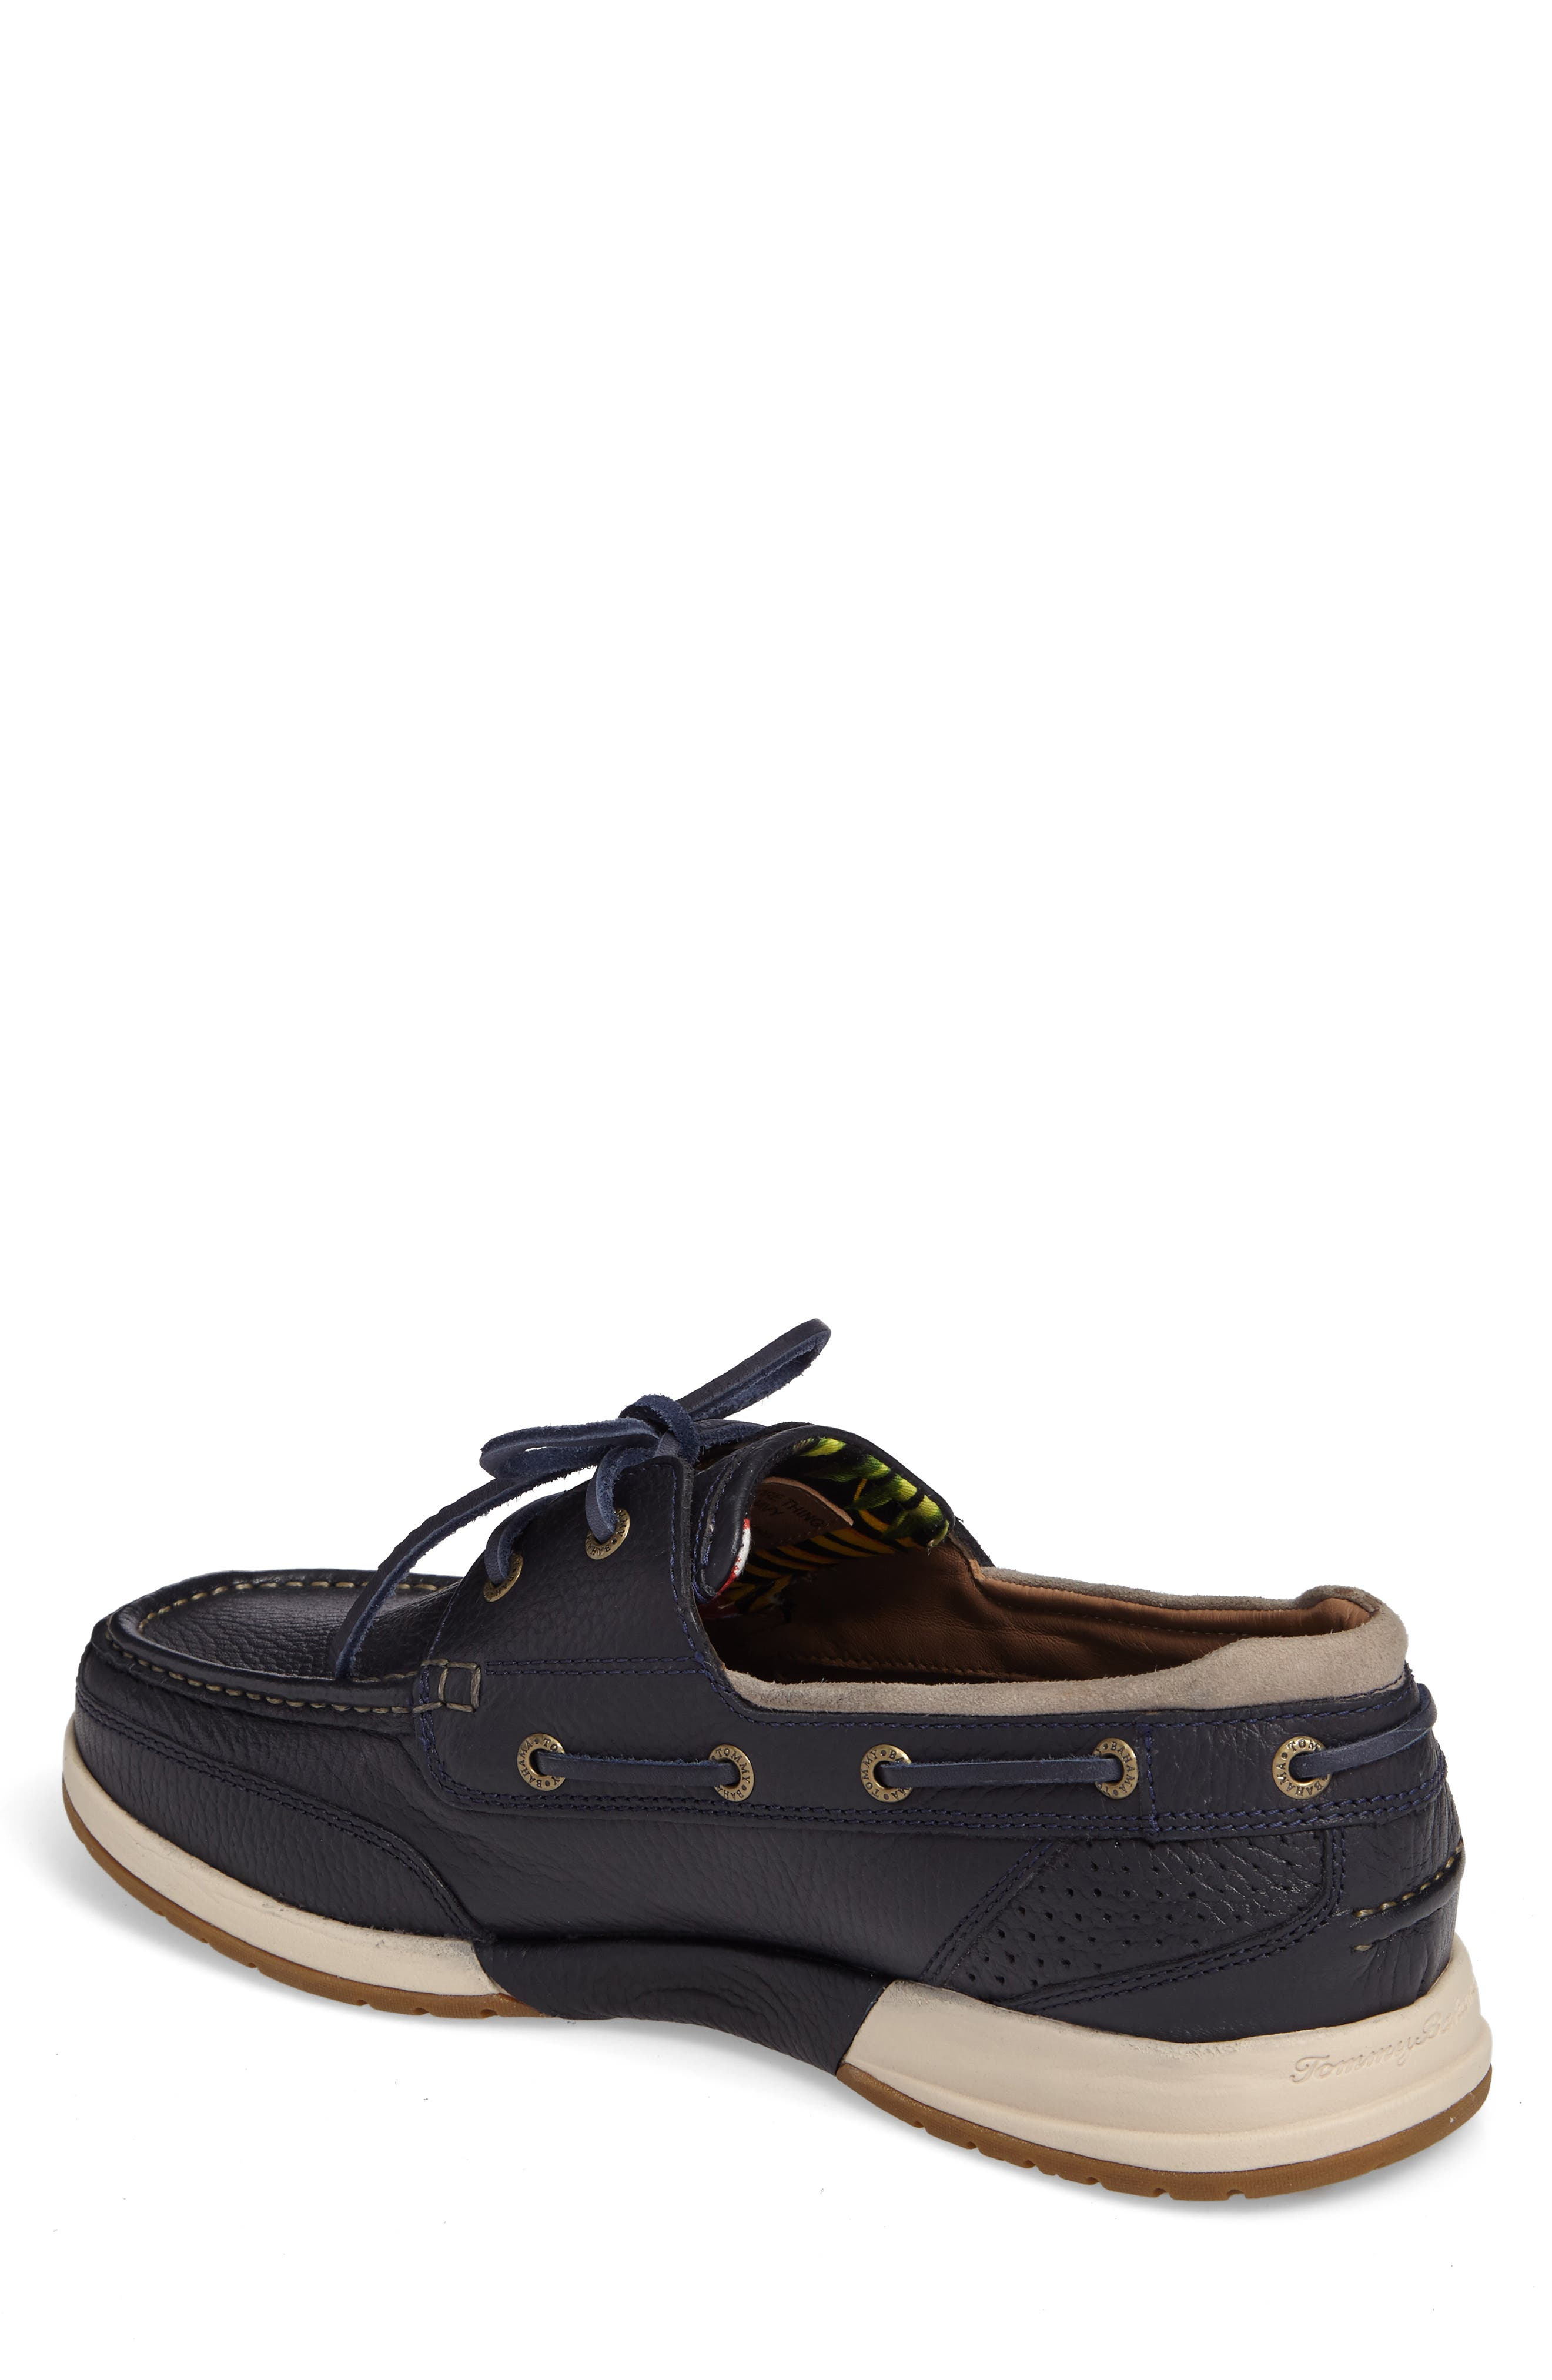 Alternate Image 2  - Tommy Bahama Ashore Thing Boat Shoe (Men)